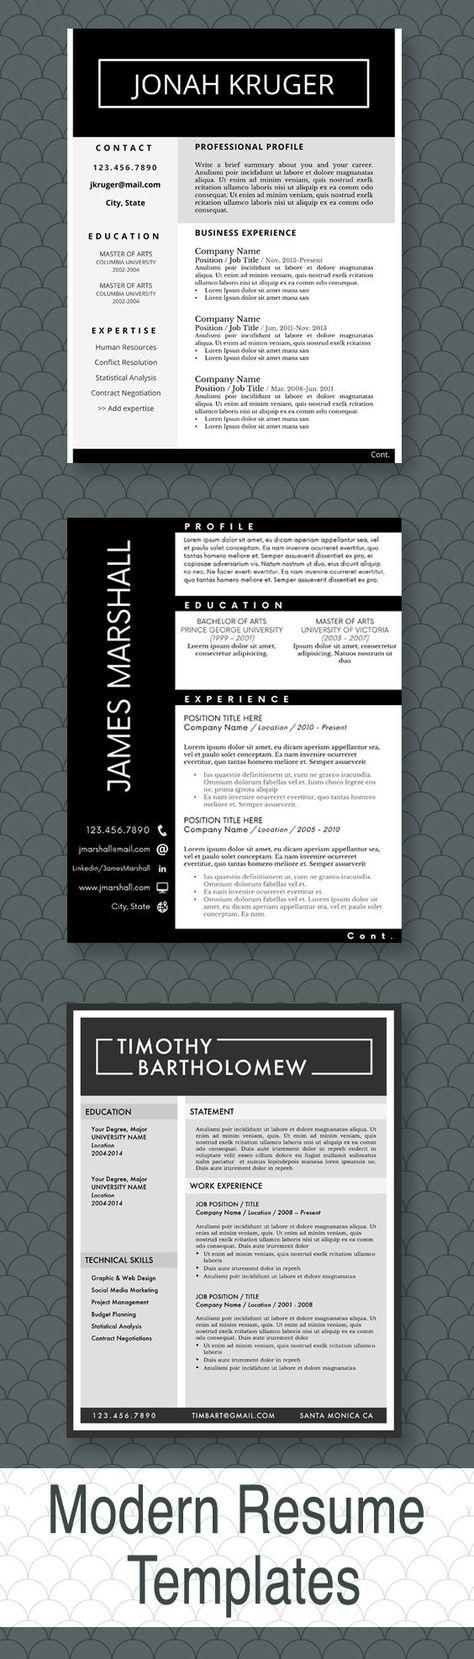 KIM WOLVERTON AMERICAN FASHION MODEL AND PROMOTIONAL MODEL Kim - kaplan optimal resume